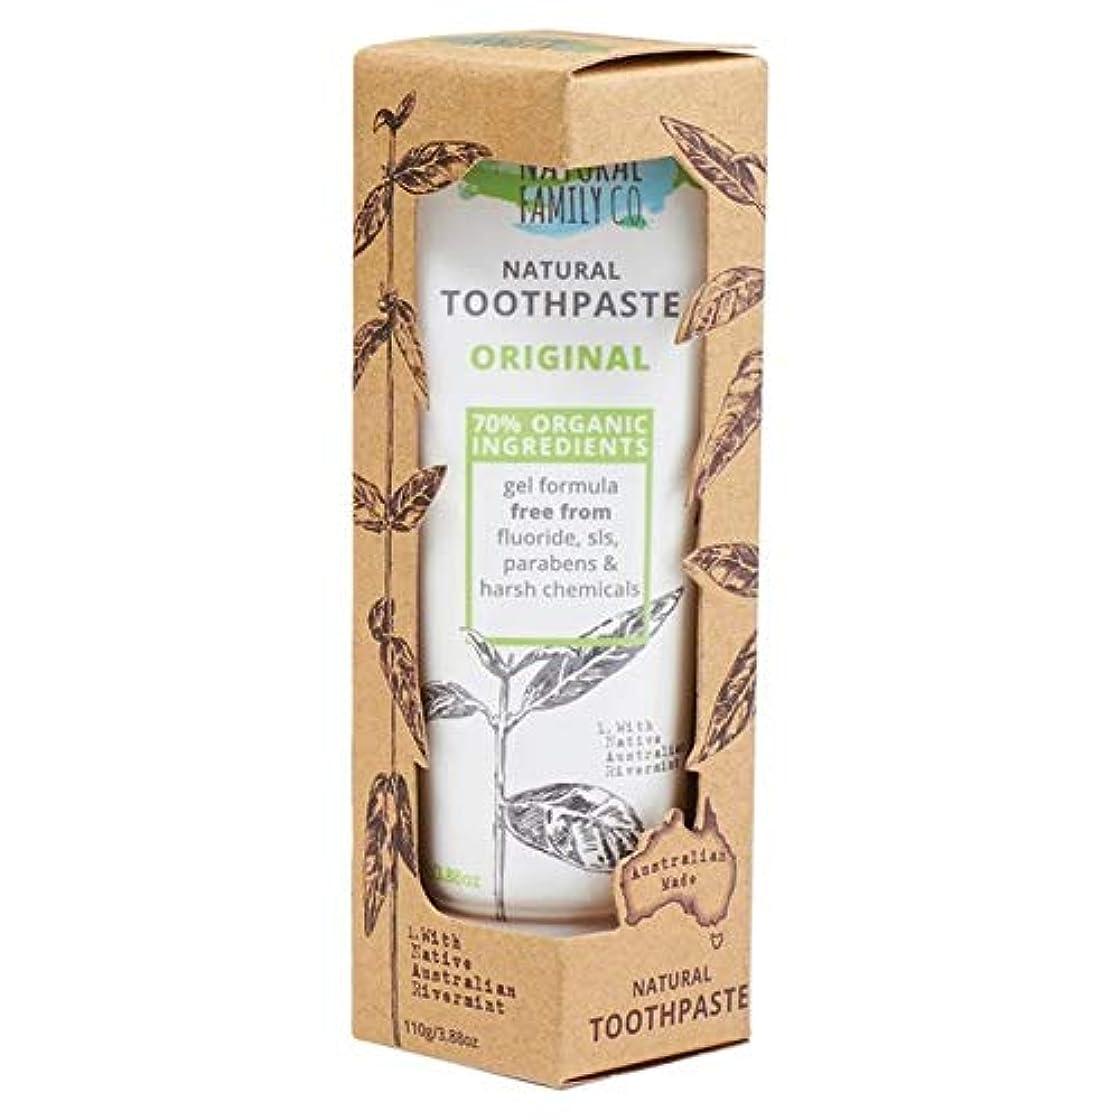 合併症シンボルジョージスティーブンソン[Natural Family ] 自然な家族の元歯磨き粉の110グラム - Natural Family Original Toothpaste 110g [並行輸入品]